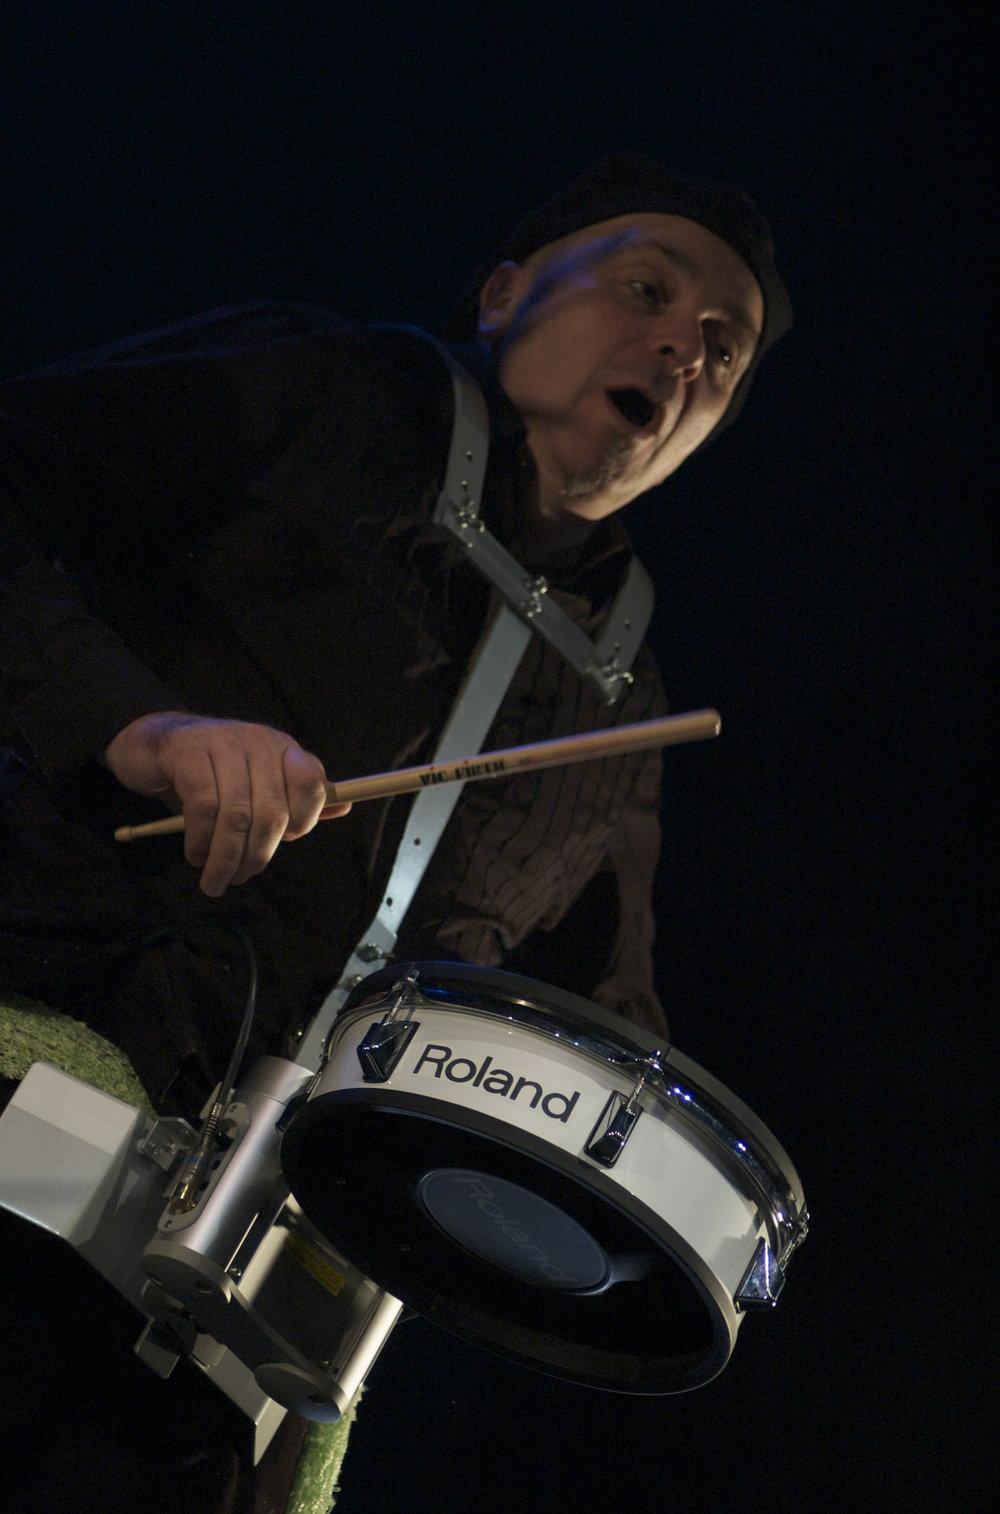 roland-v-drums-photo-shoot_5042825592_o.jpg